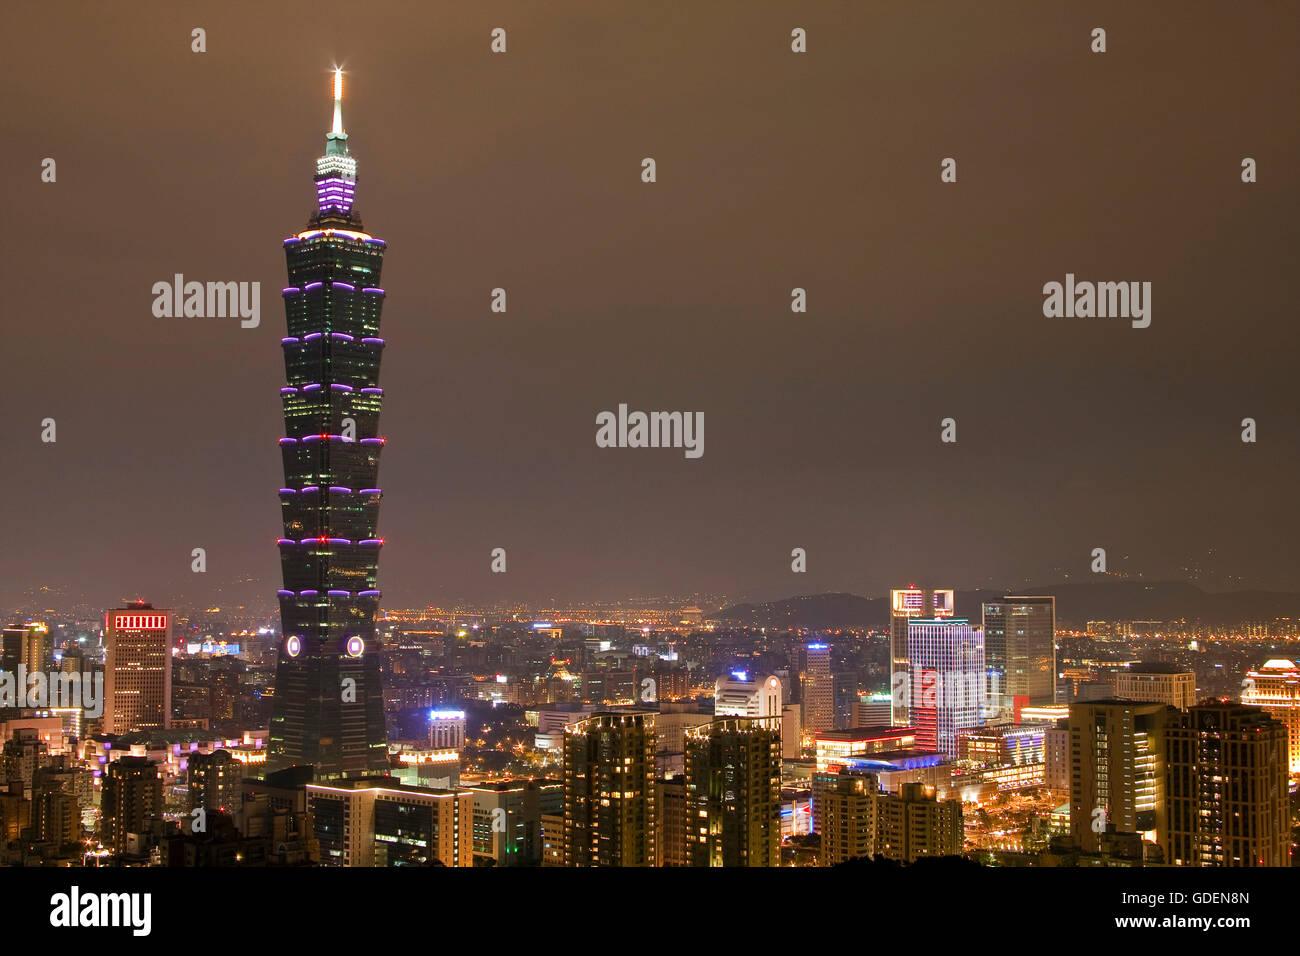 Taipeh Tower 101, Taipeh, Taiwan - Stock Image